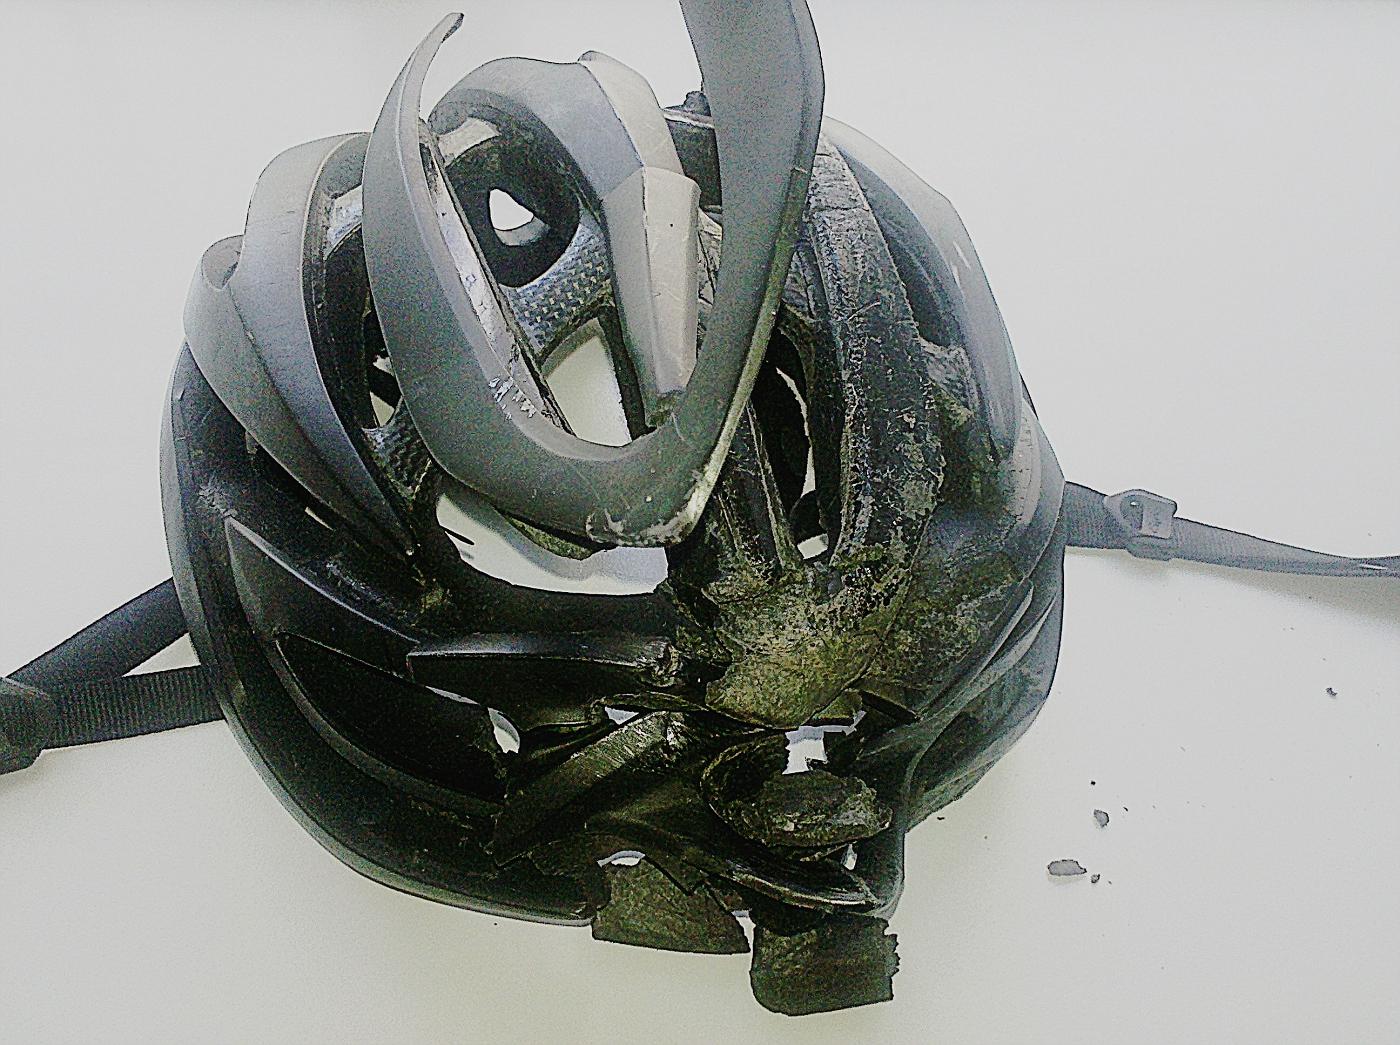 Manfred's broken helmet